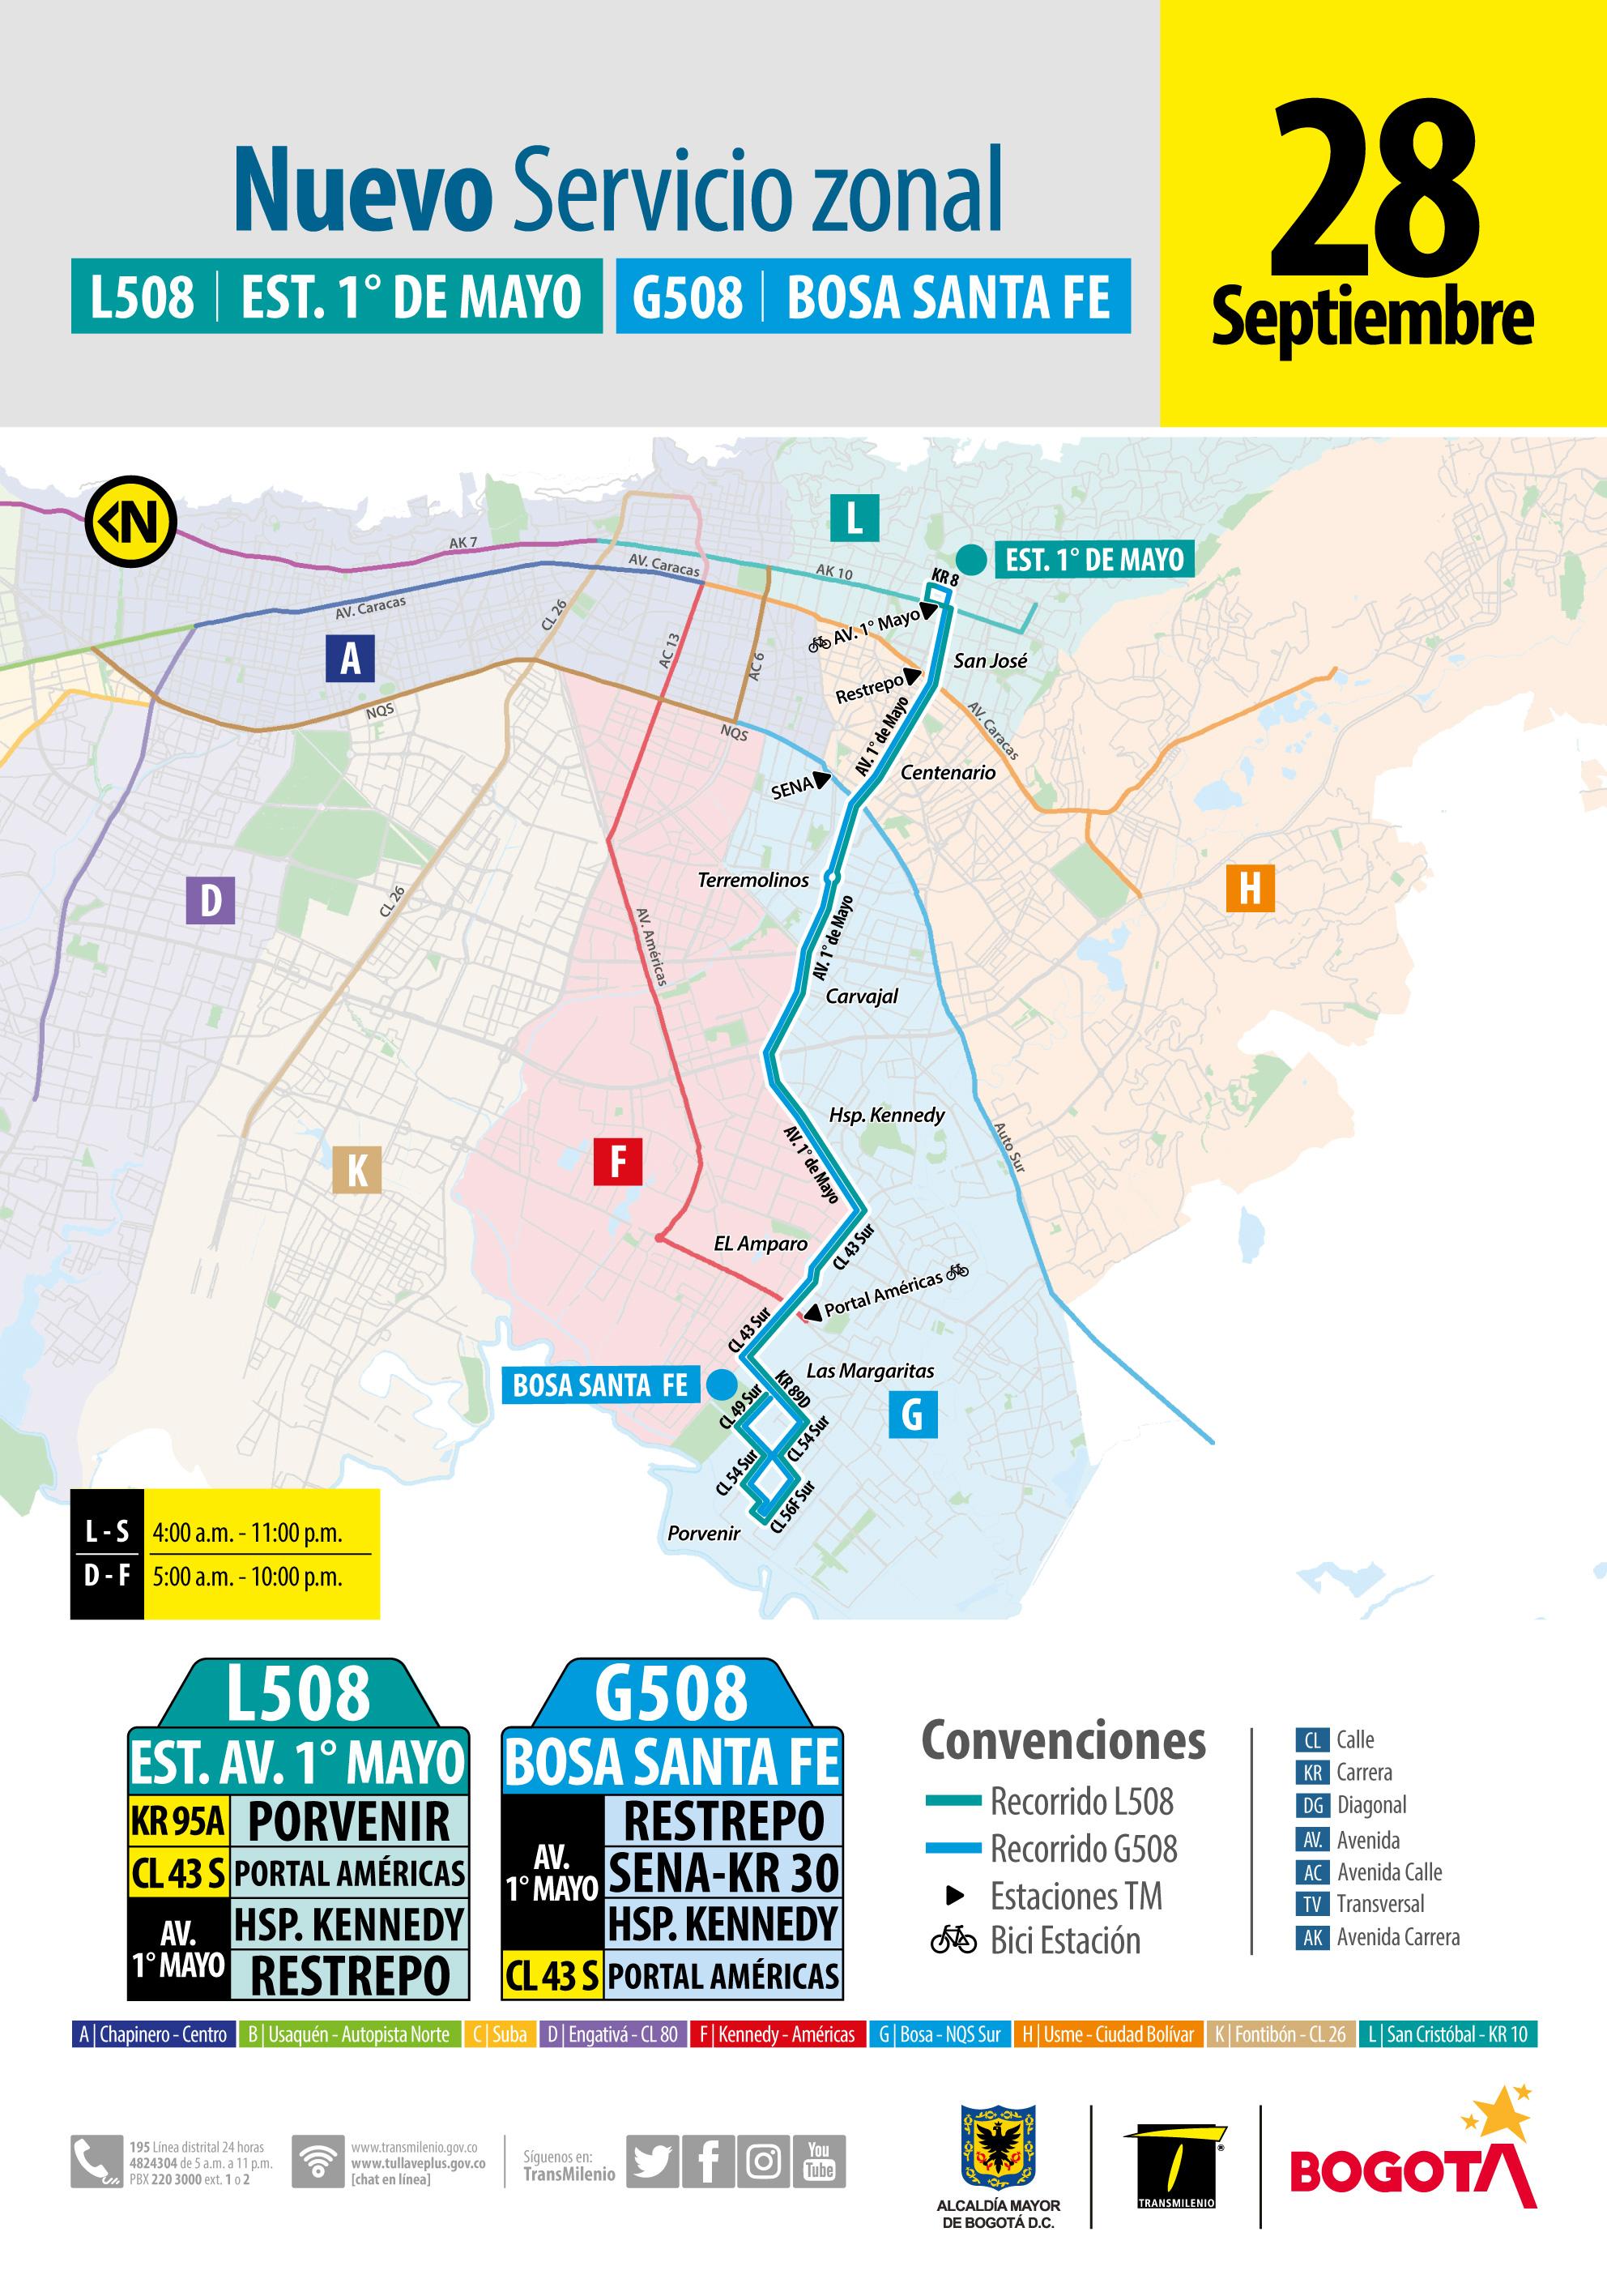 L508 Estación 1 de Mayo - G508 Bosa Santa Fe